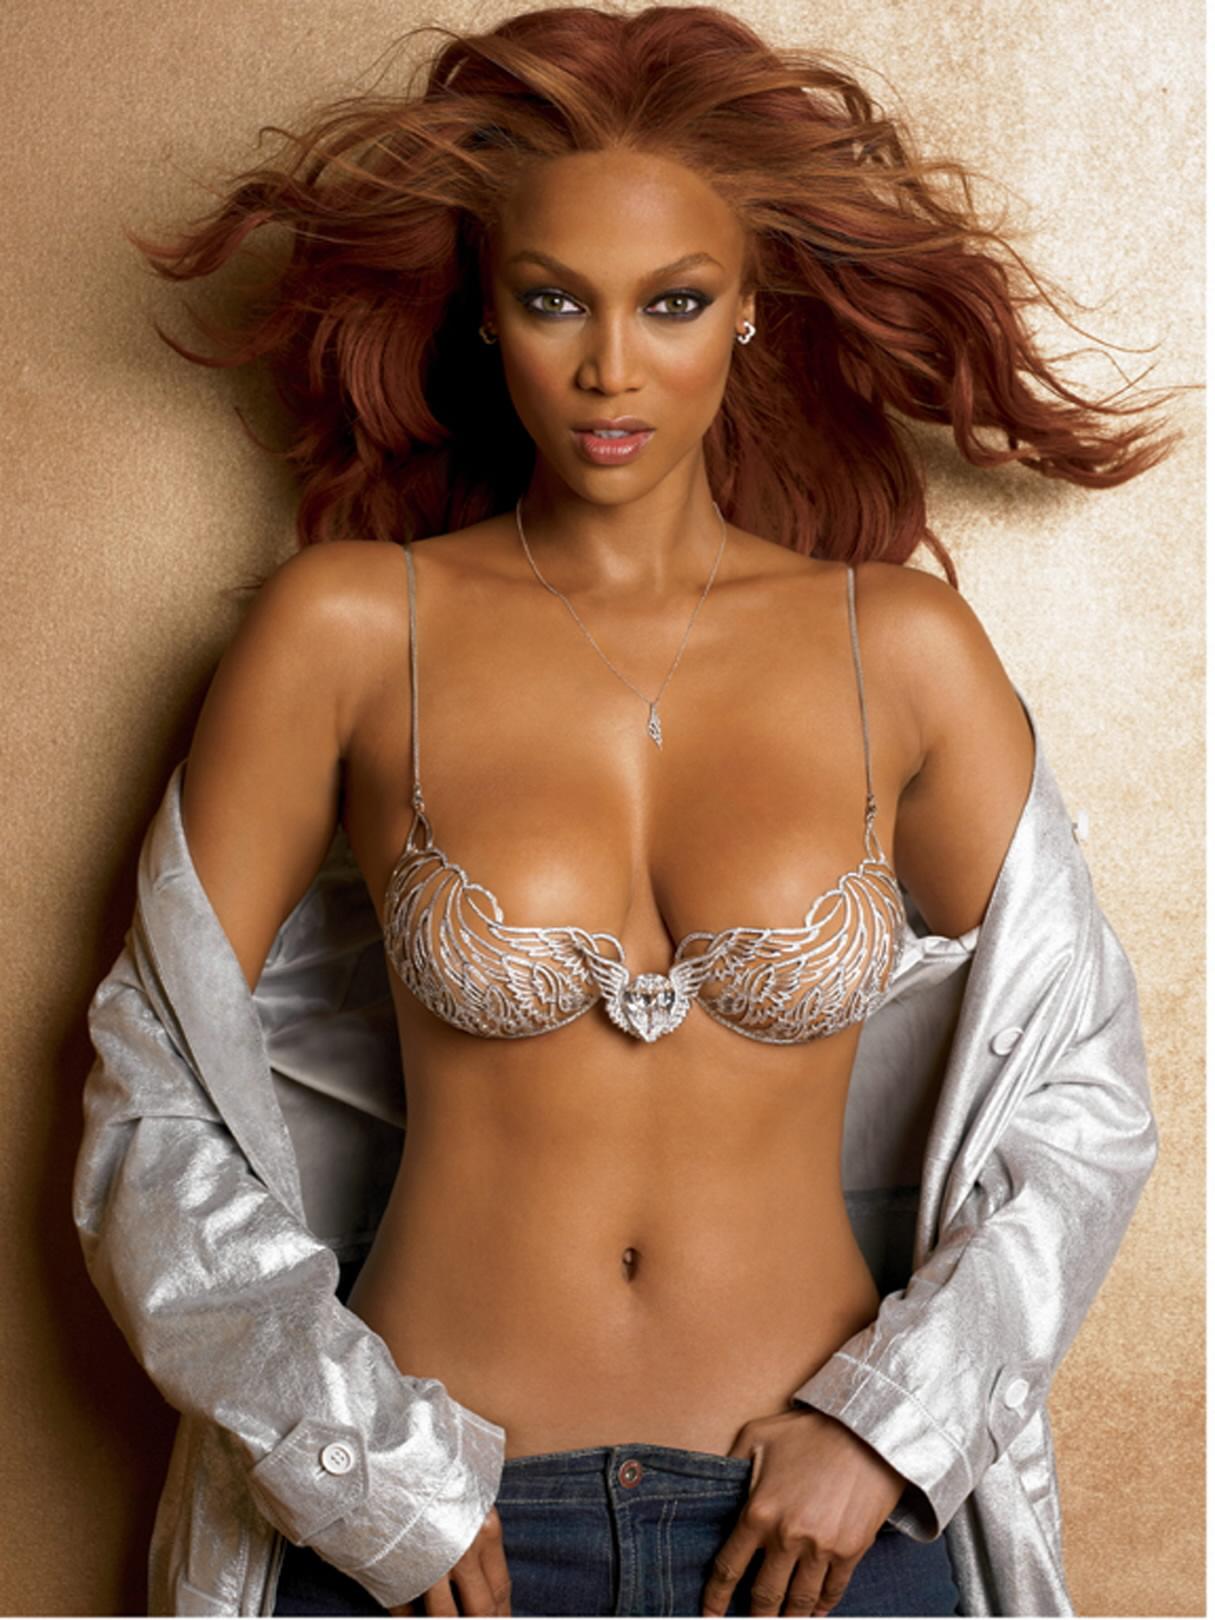 Супермодели с красивой грудью 4 фотография